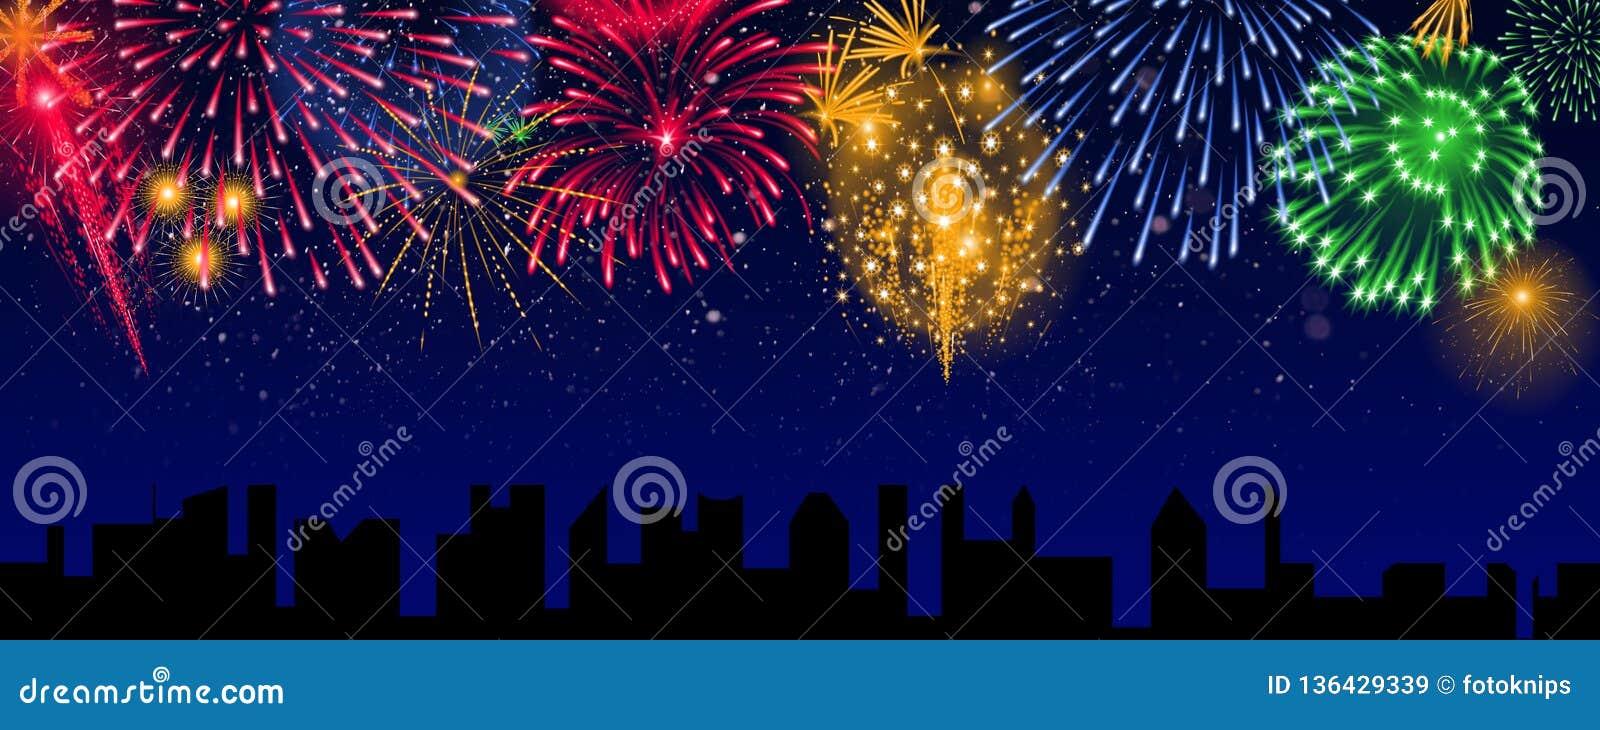 Bunte Feuerwerke über der Stadt, Fahne